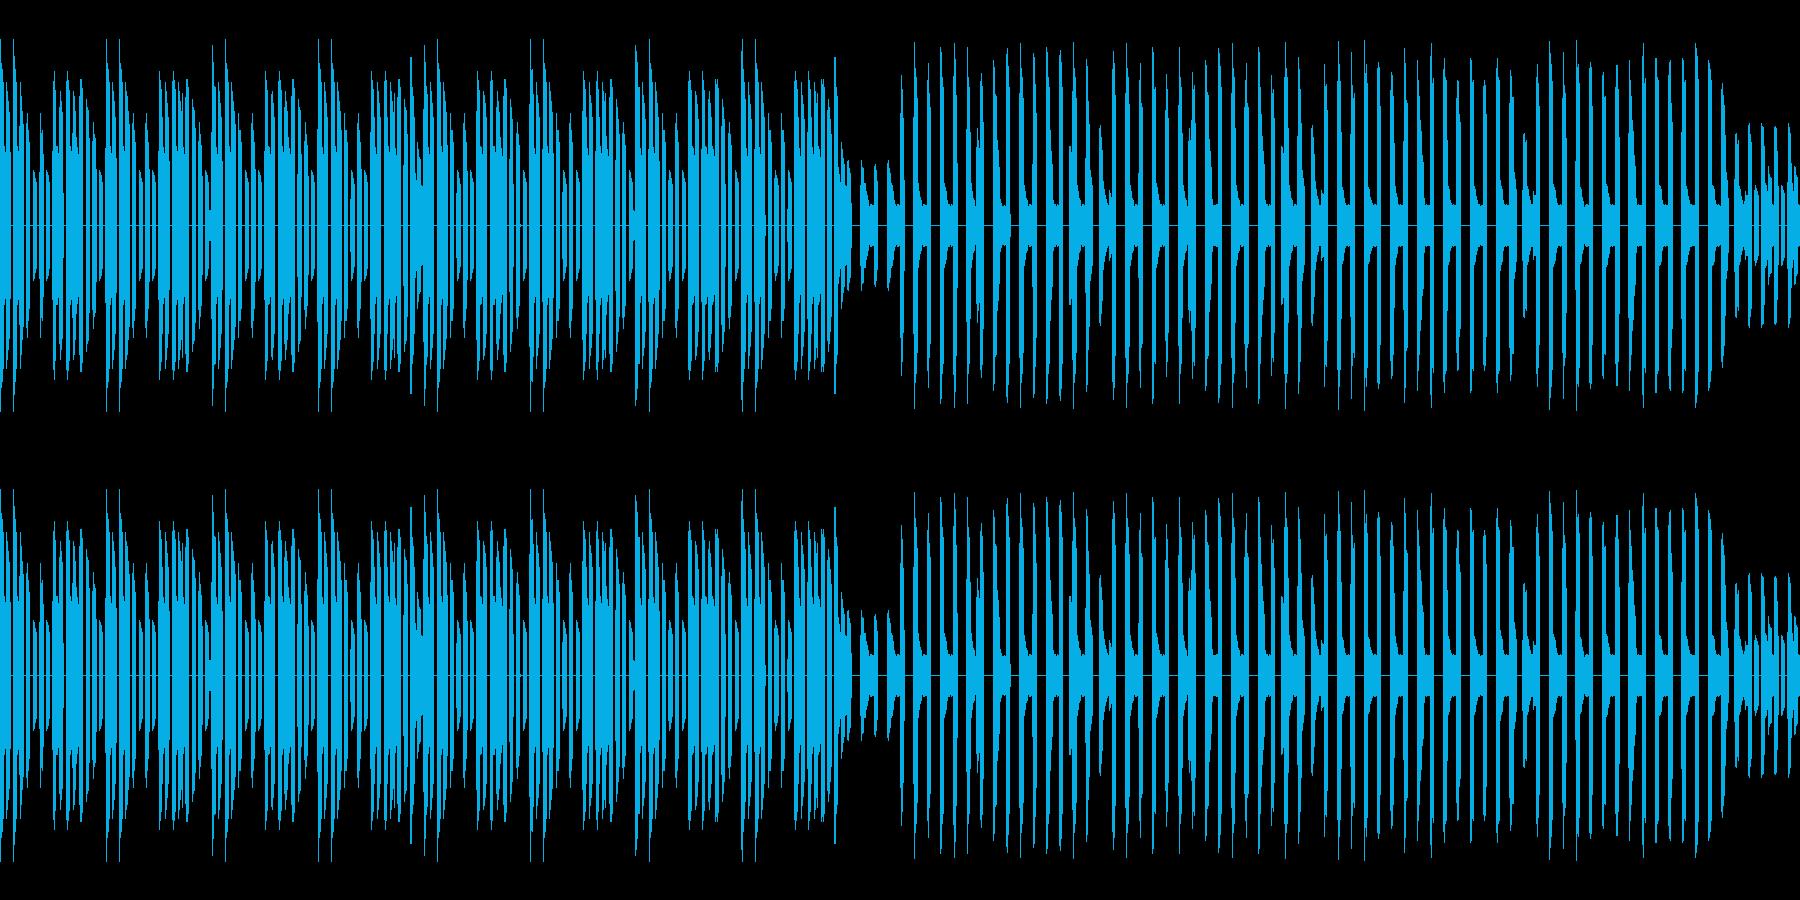 熱血ヒーロー的なレトロゲーム風サビが前の再生済みの波形